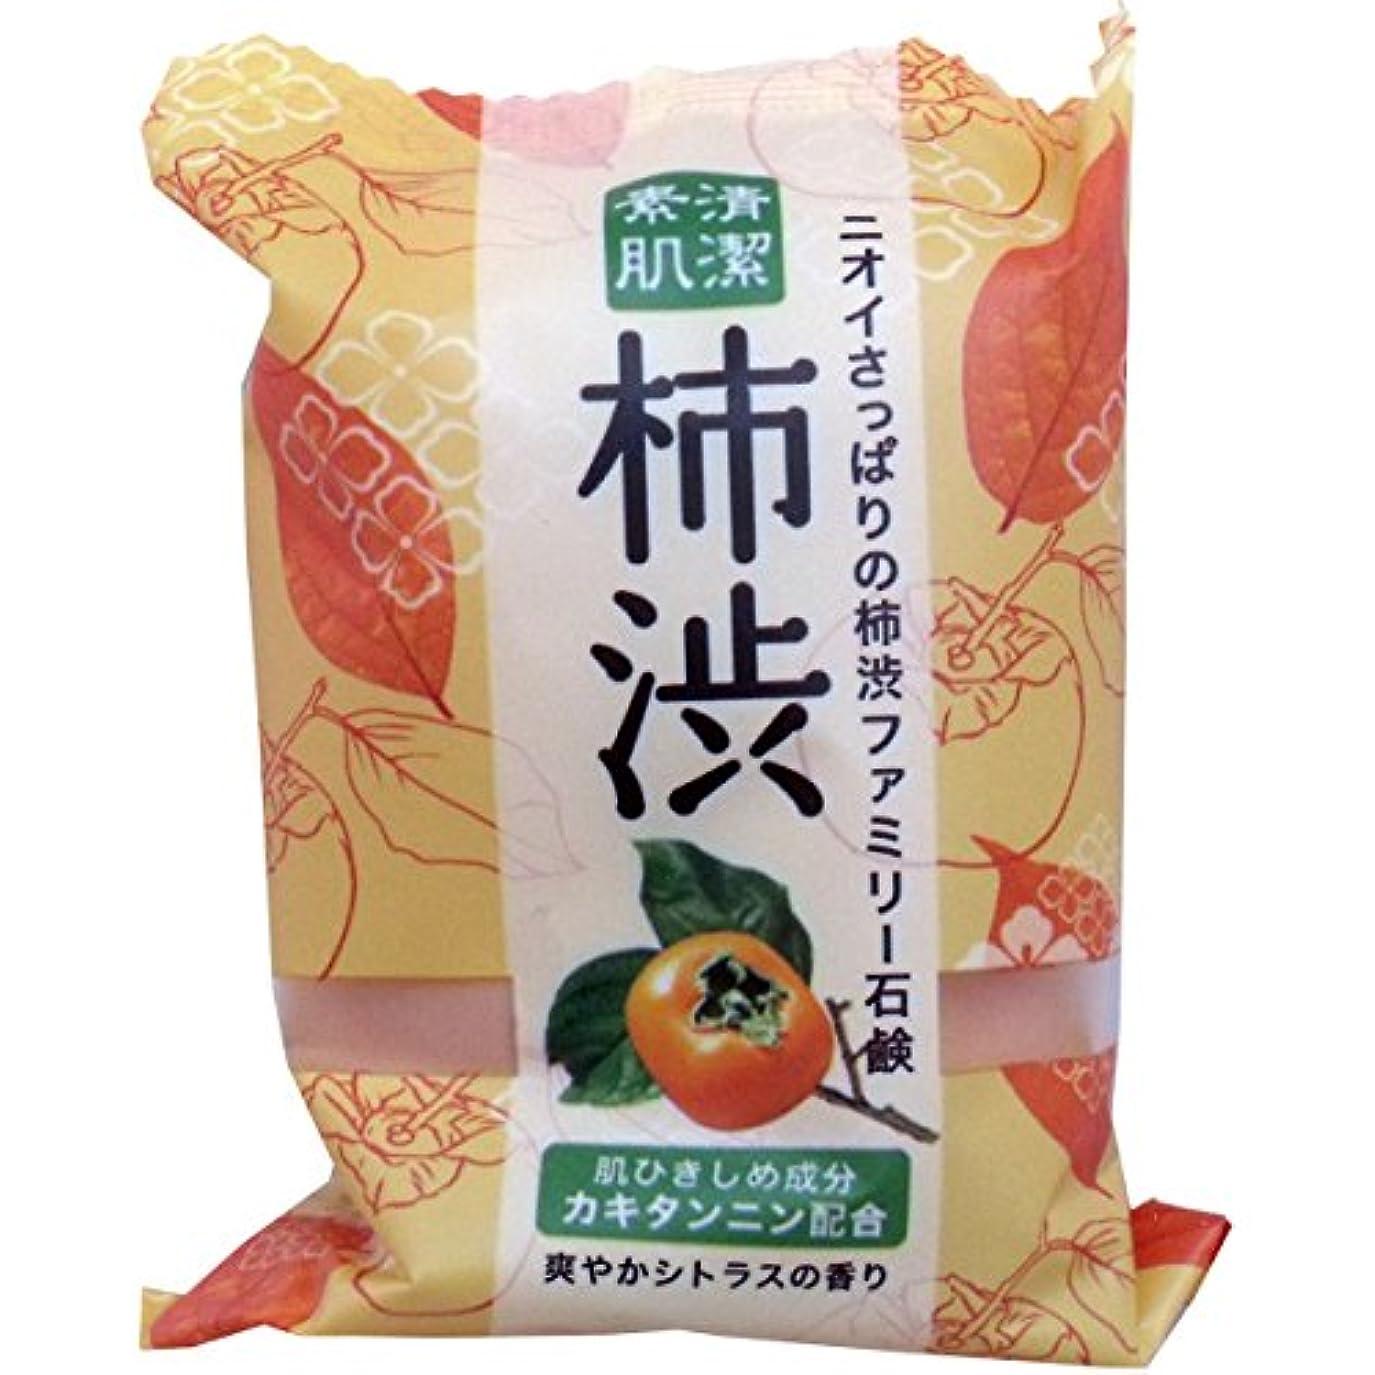 愛情略語ヒロインペリカン石鹸 ファミリー柿渋石鹸(1個) ×2セット